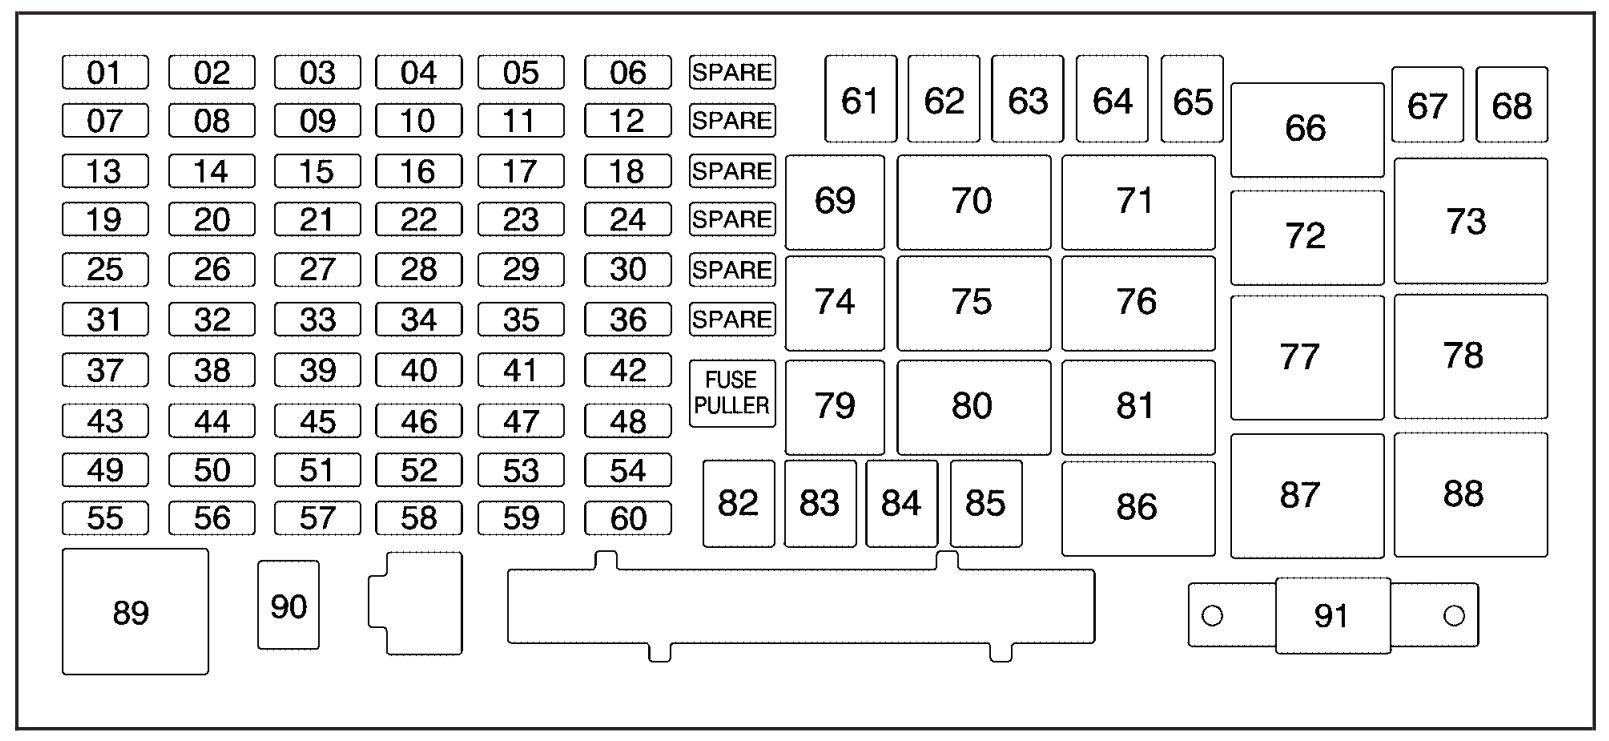 H3 Fuse Panel Diagram Wiring Schematics House Box 2006 Hummer Schemes 2005 H2